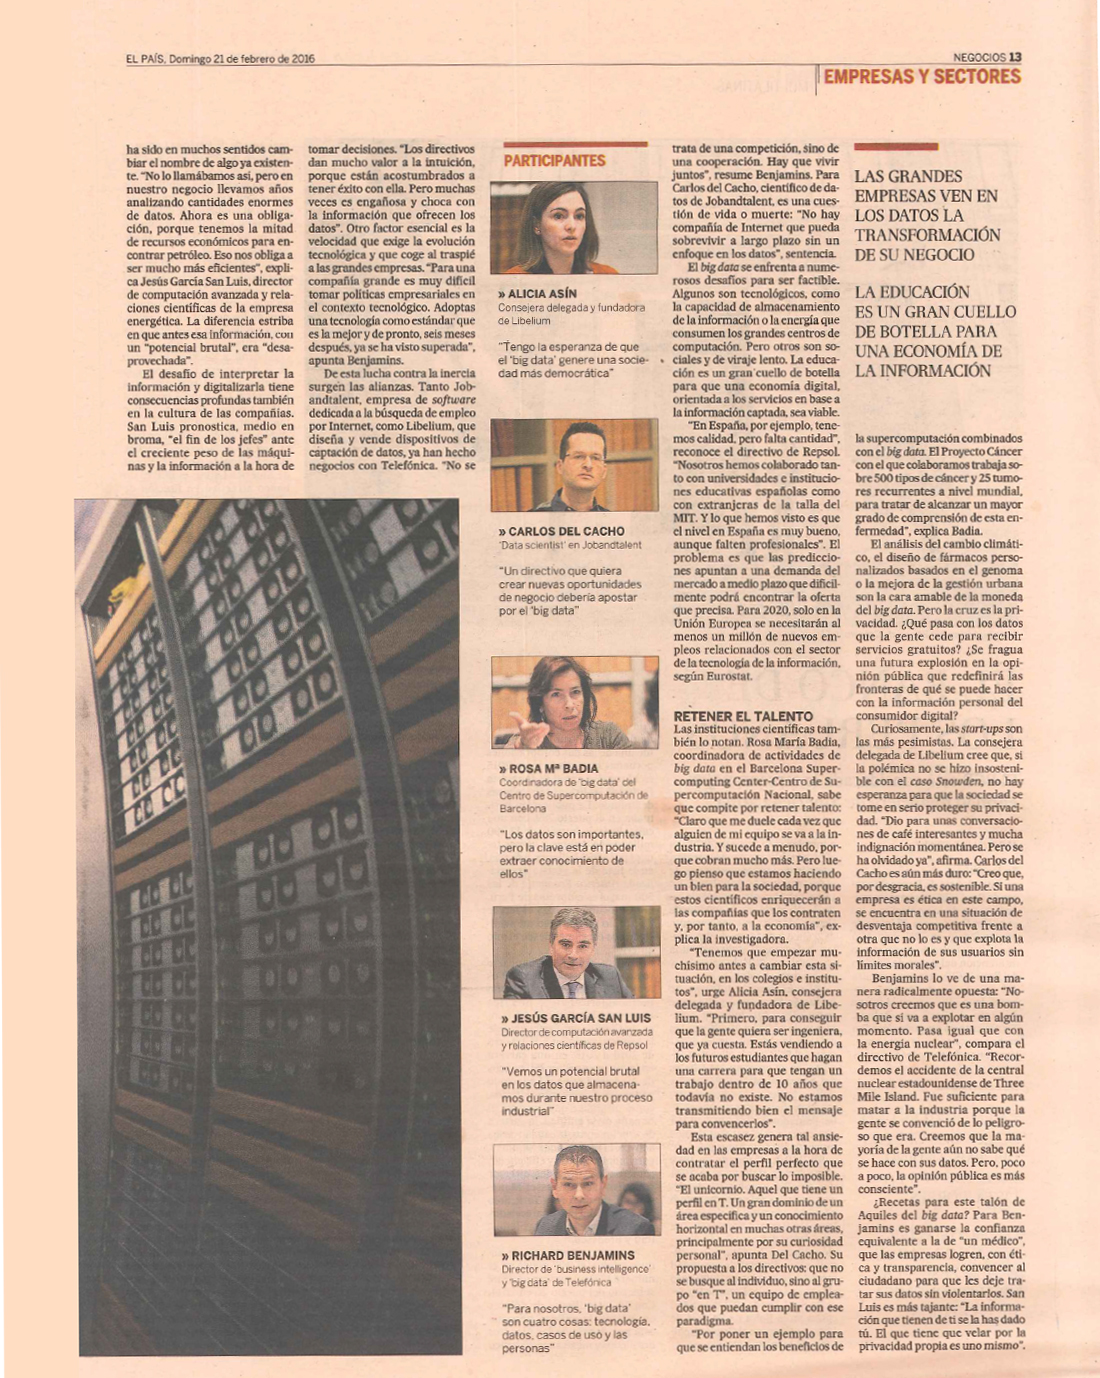 El País - El Pilar del Cambio Digita